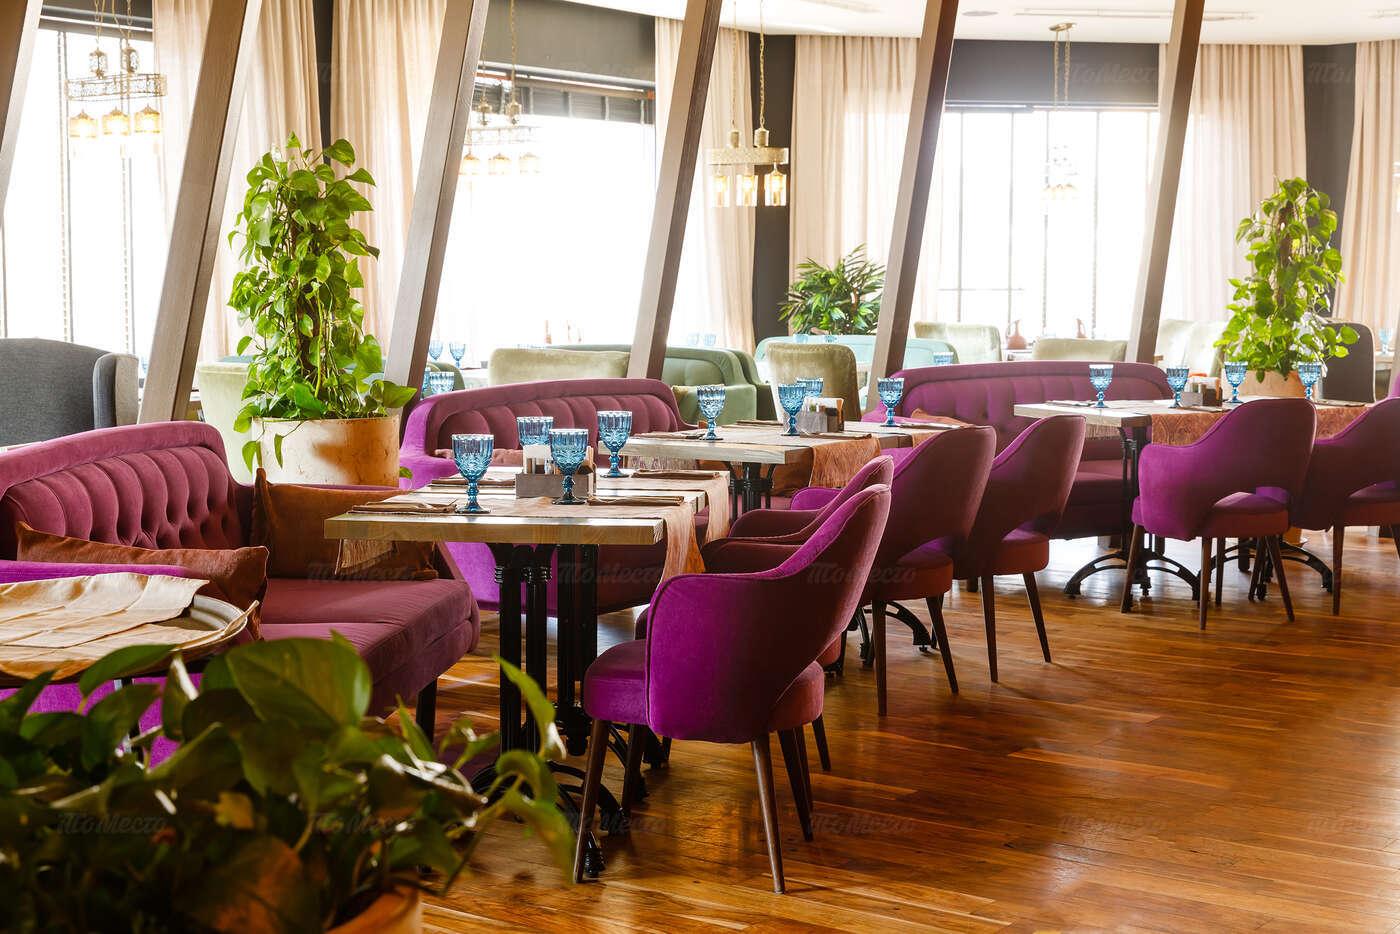 Ресторан Баран в Казан на Марксистской